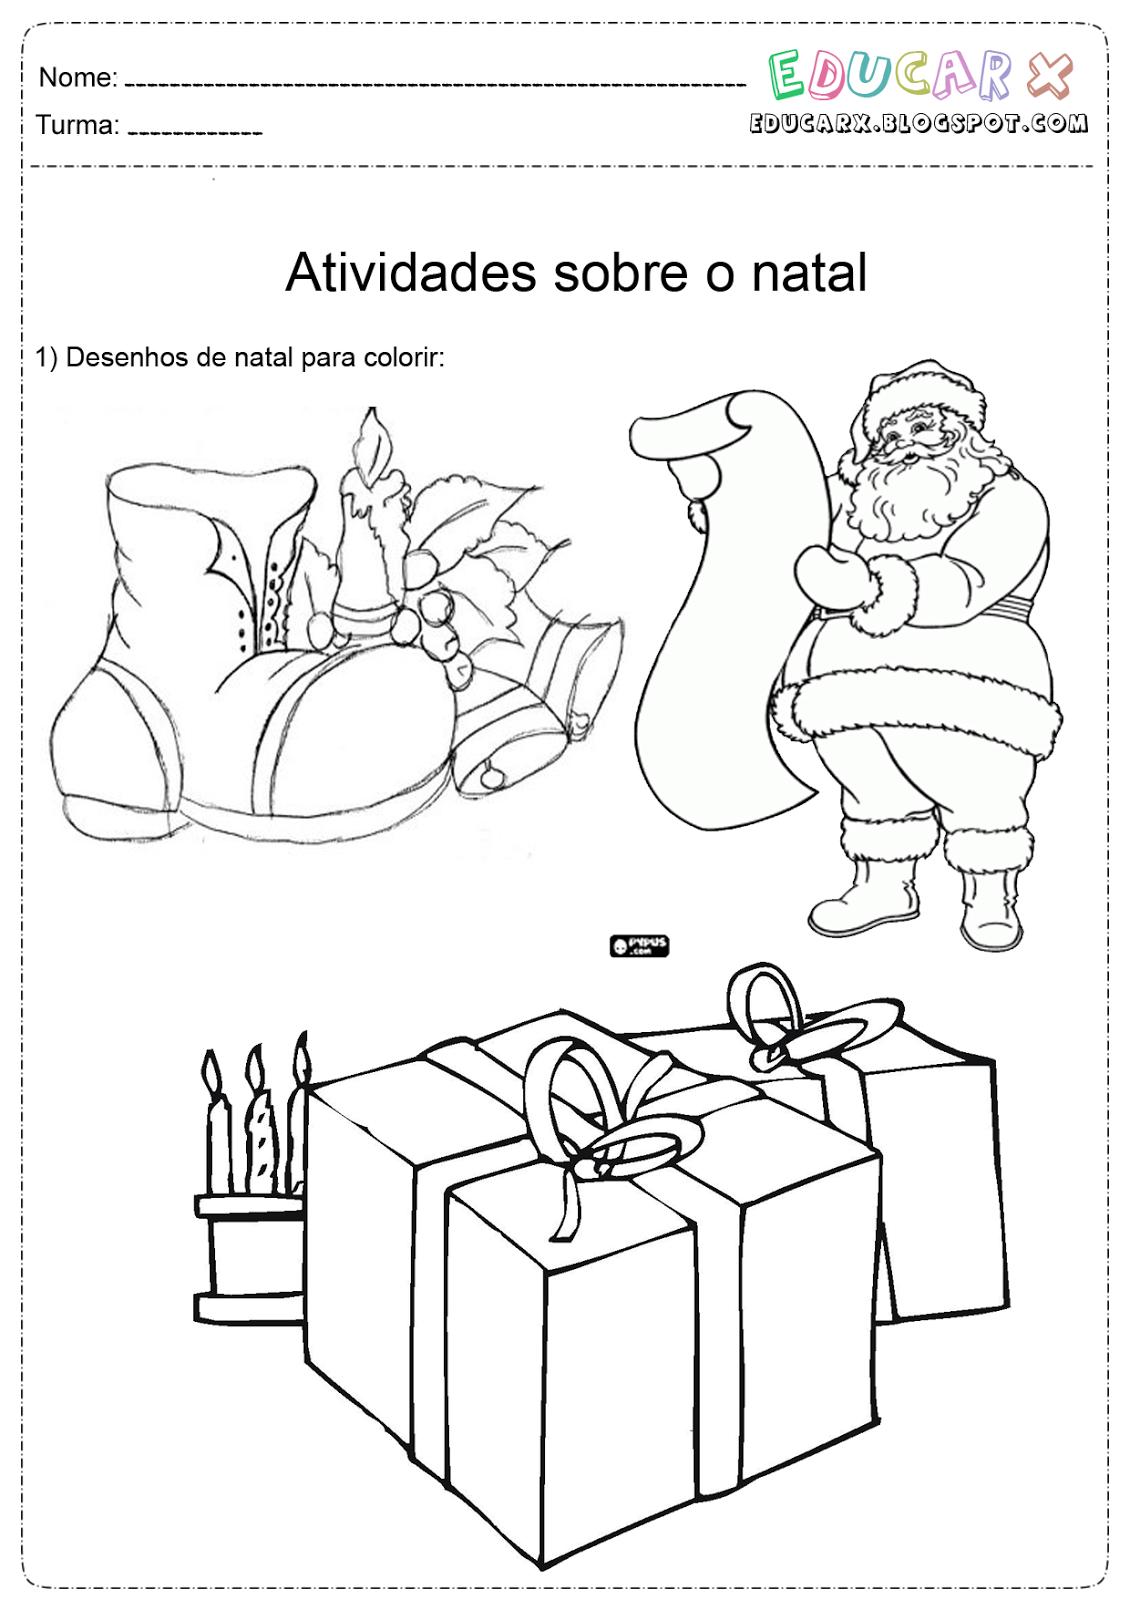 Educar X  Desenhos De Natal Para Colorir, Papai Noel, Arvore De